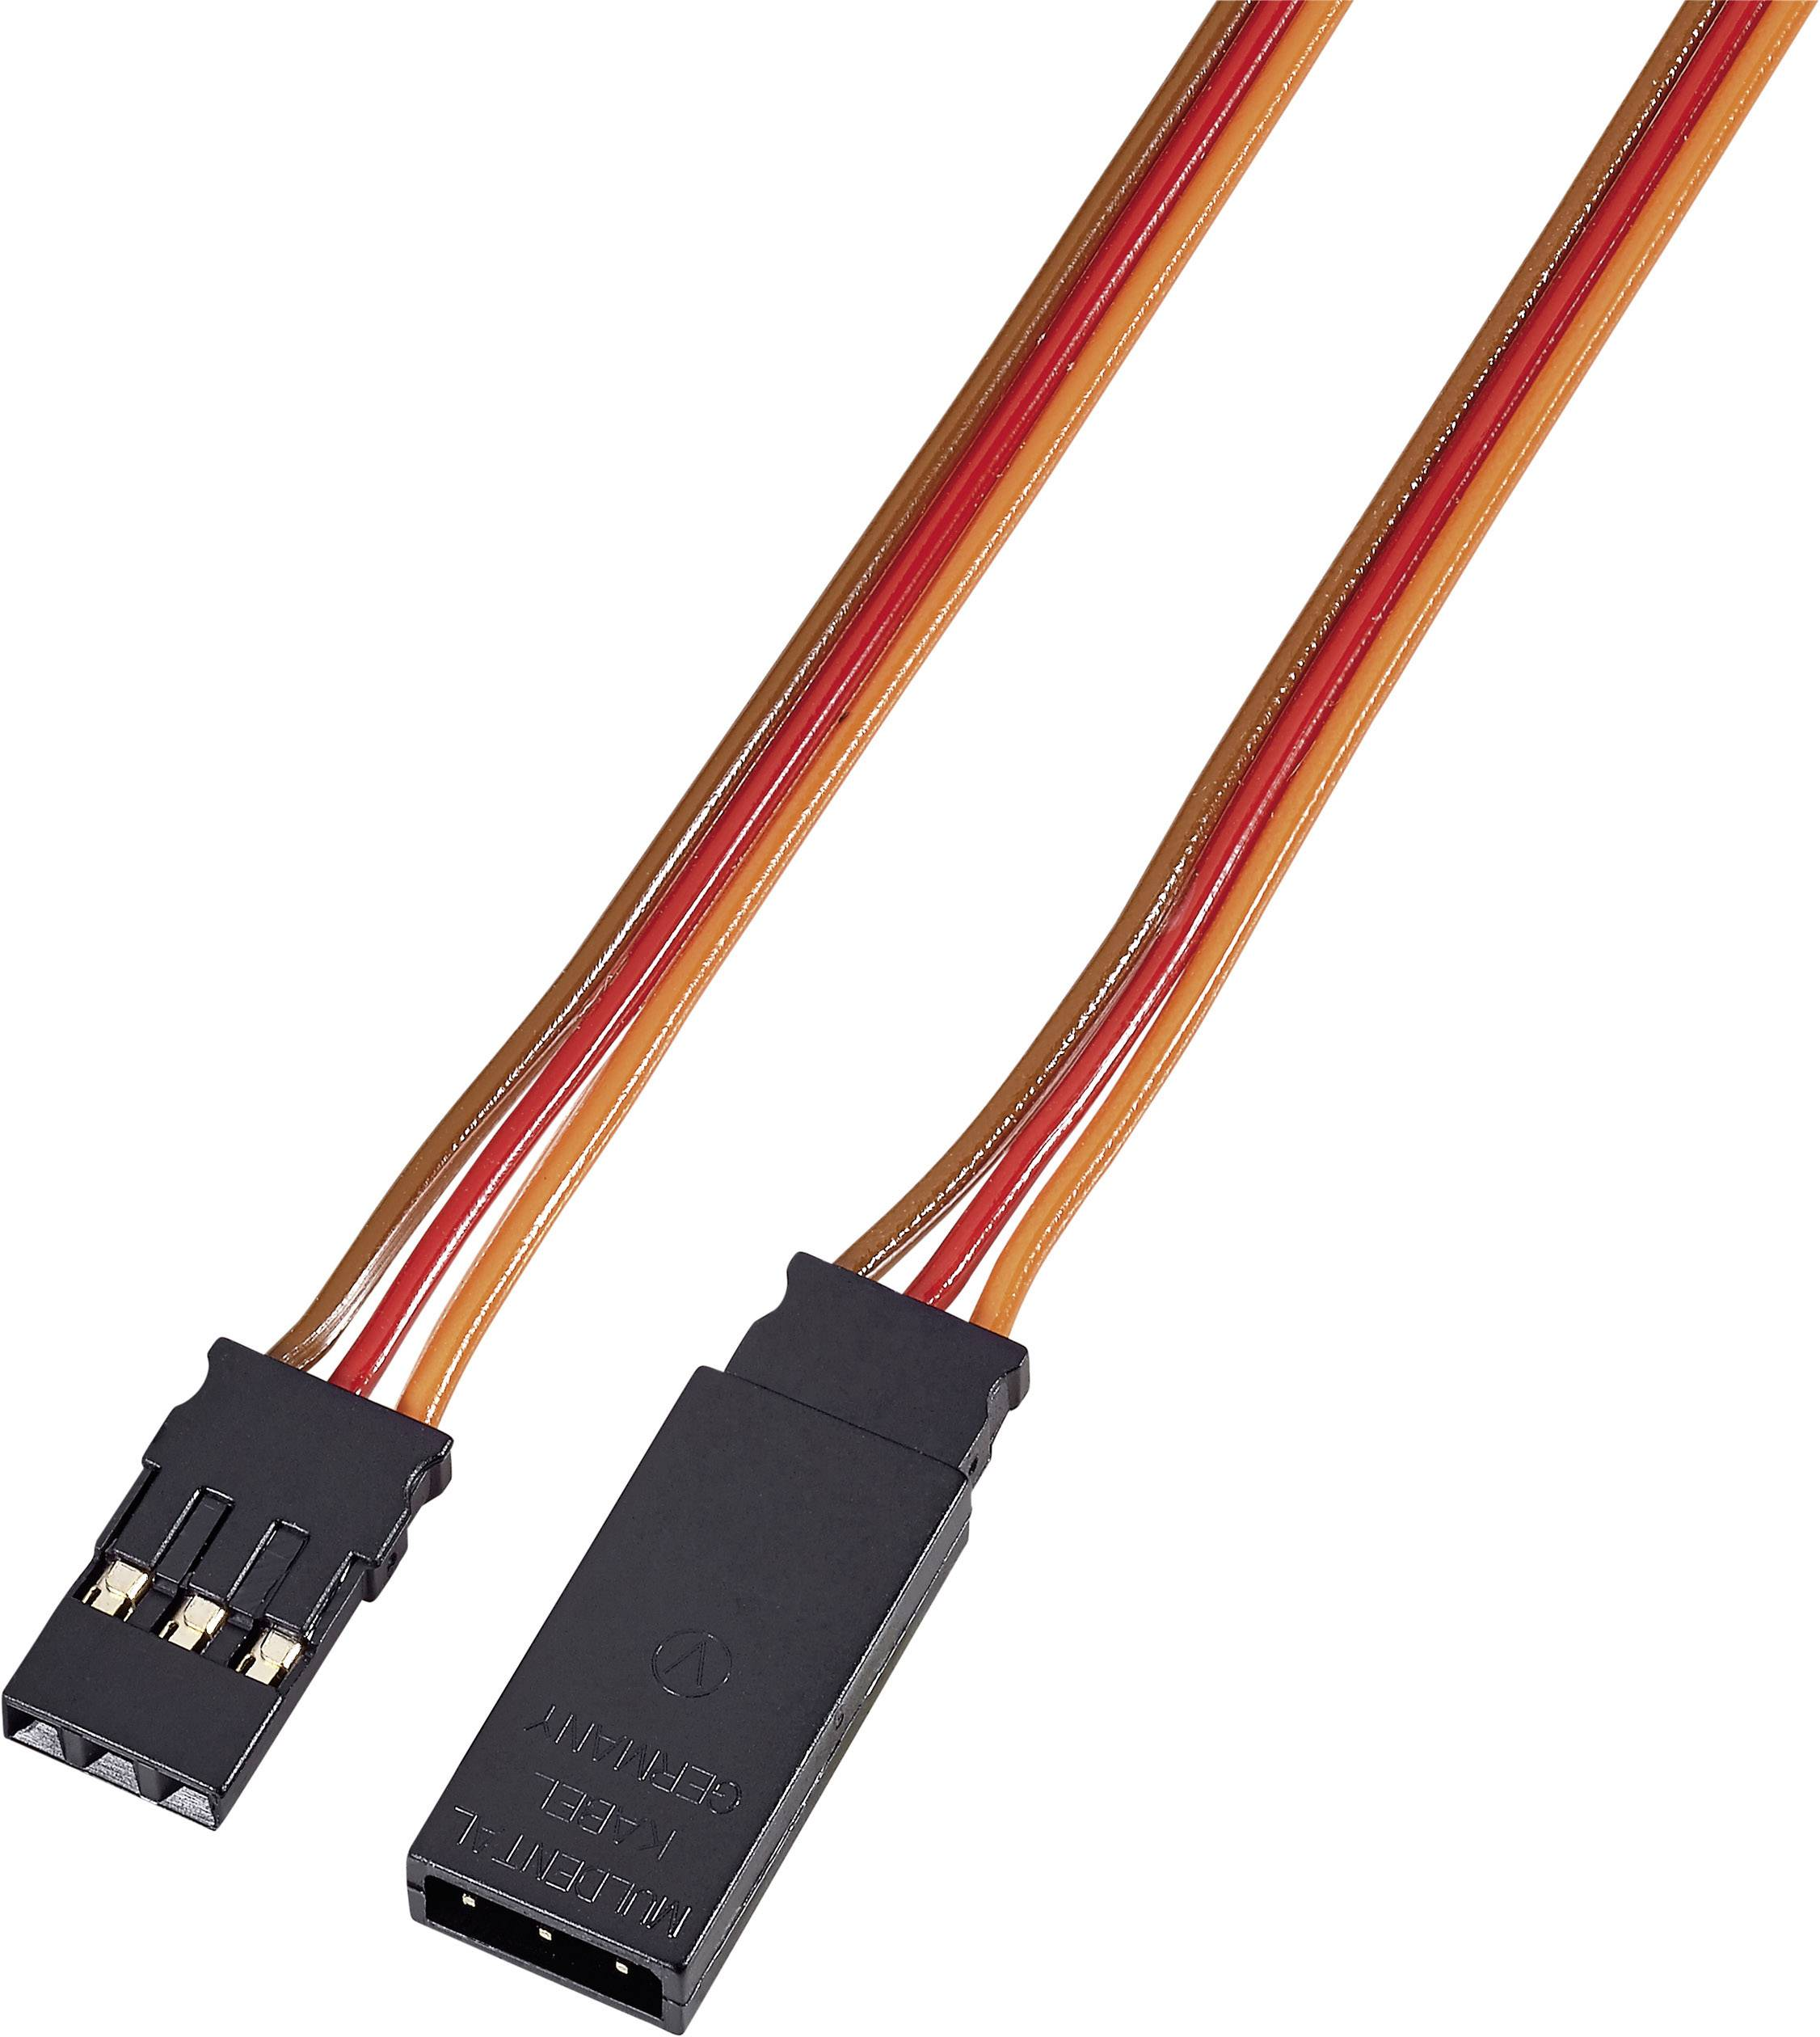 Prodlužovací kabel Modelcraft, konektor JR, 25 cm, 0,5 mm²